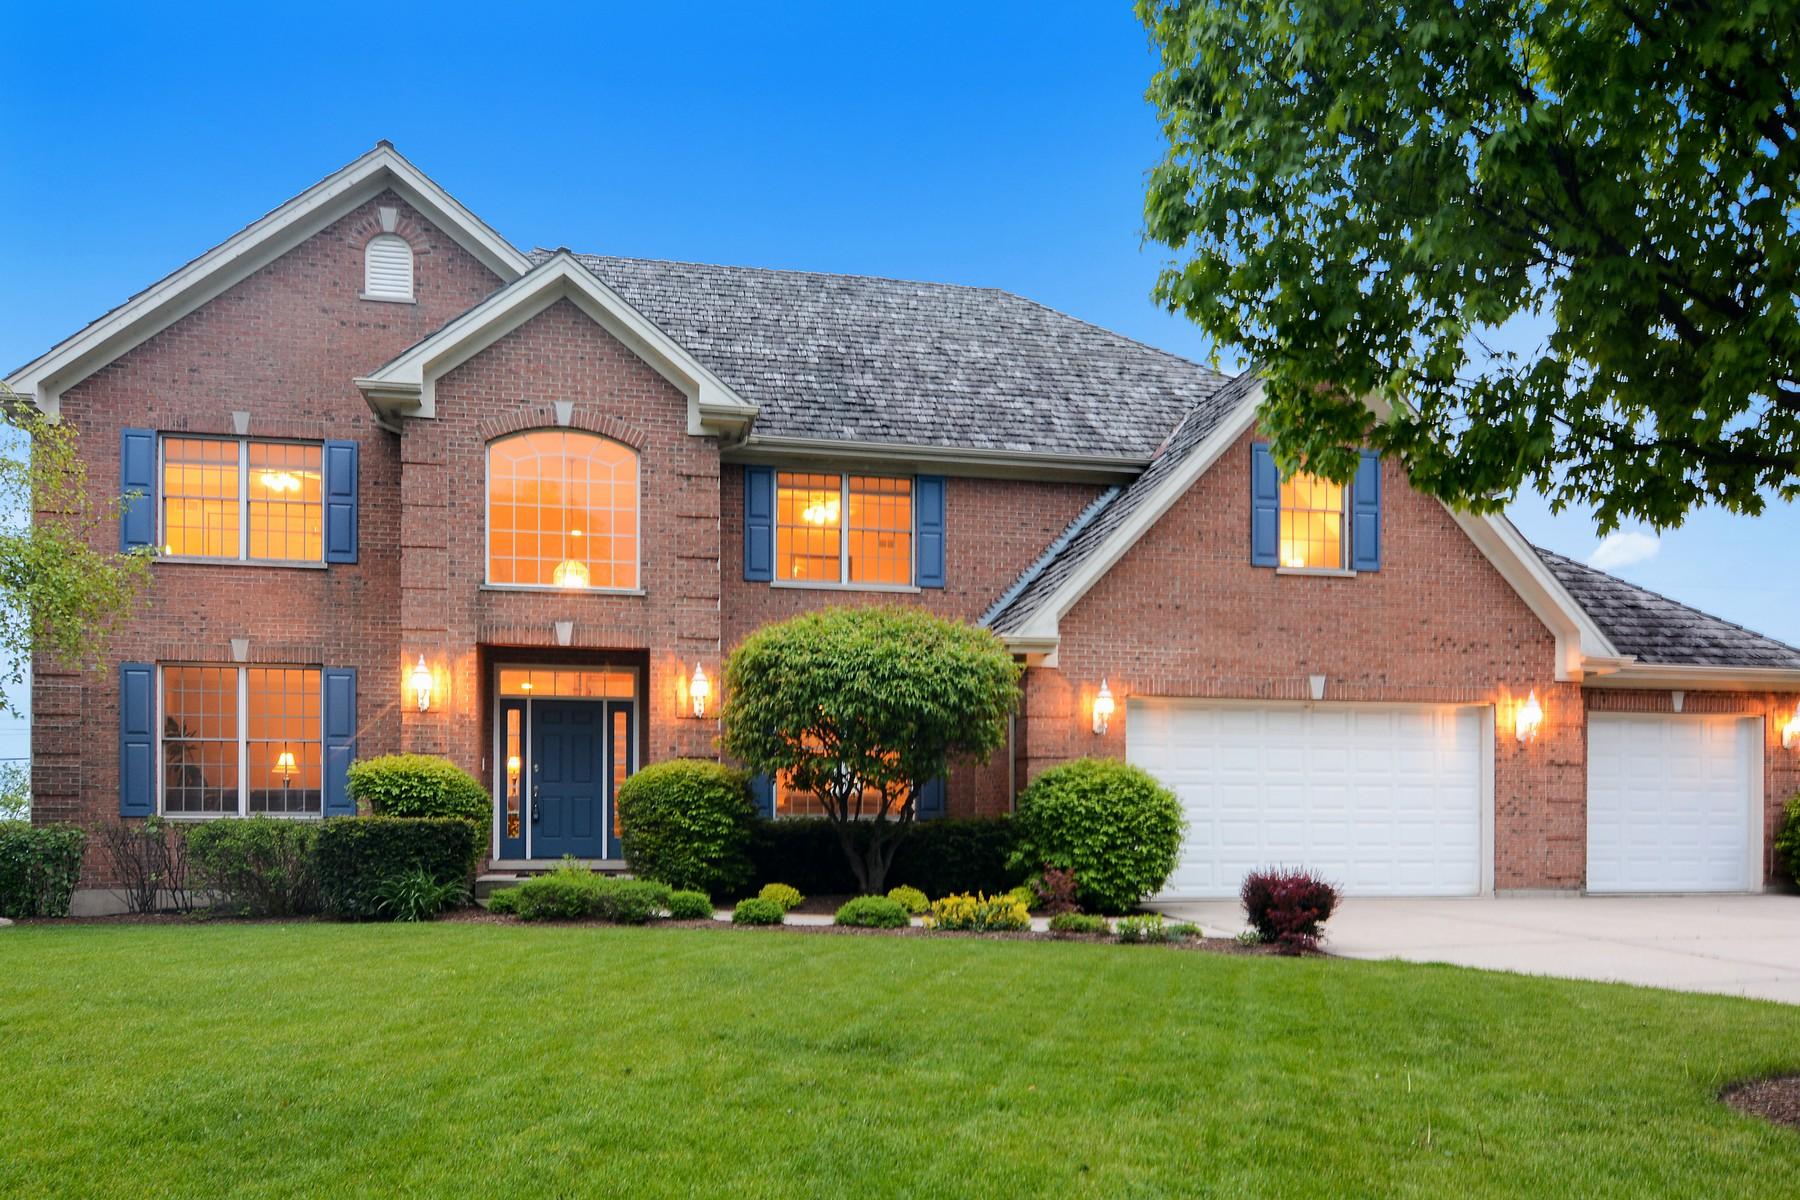 Частный односемейный дом для того Продажа на Spectacular Home in Prestigious Lakeview of Barrington 1020 Oakland Drive Barrington, Иллинойс, 60010 Соединенные Штаты